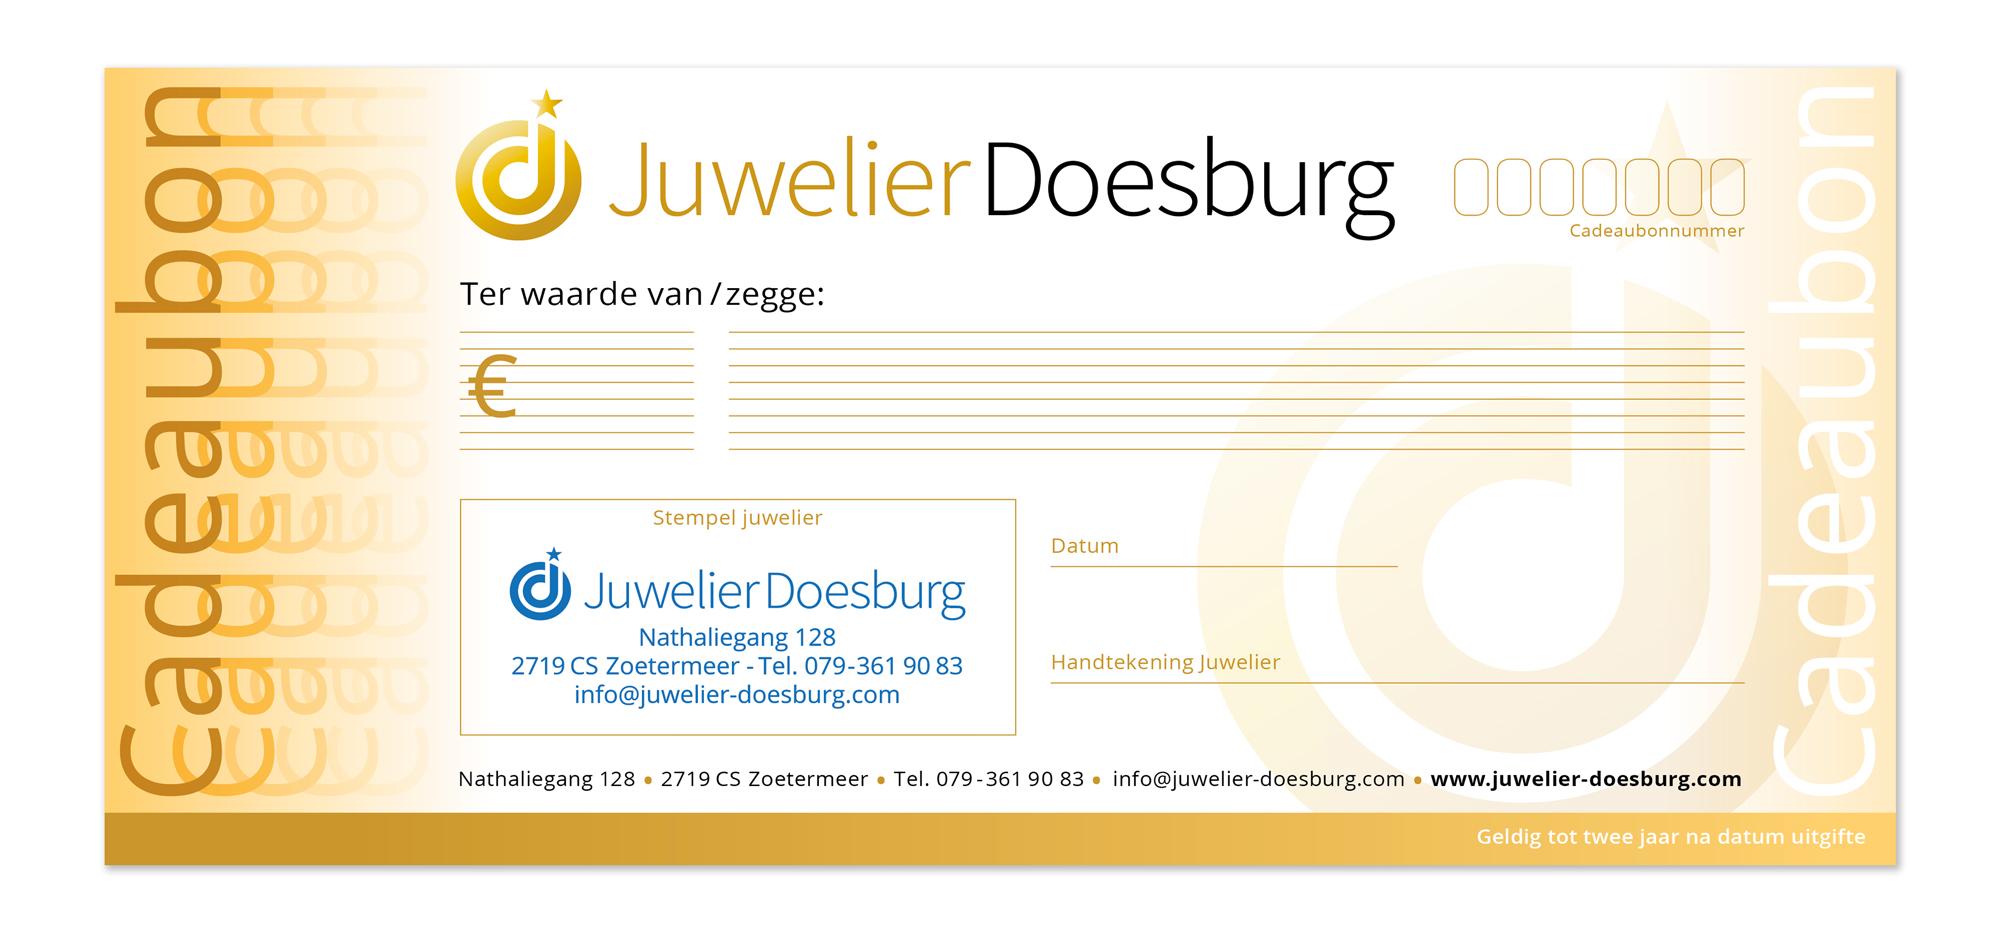 Juwelier_Doesburg_cadeaubon